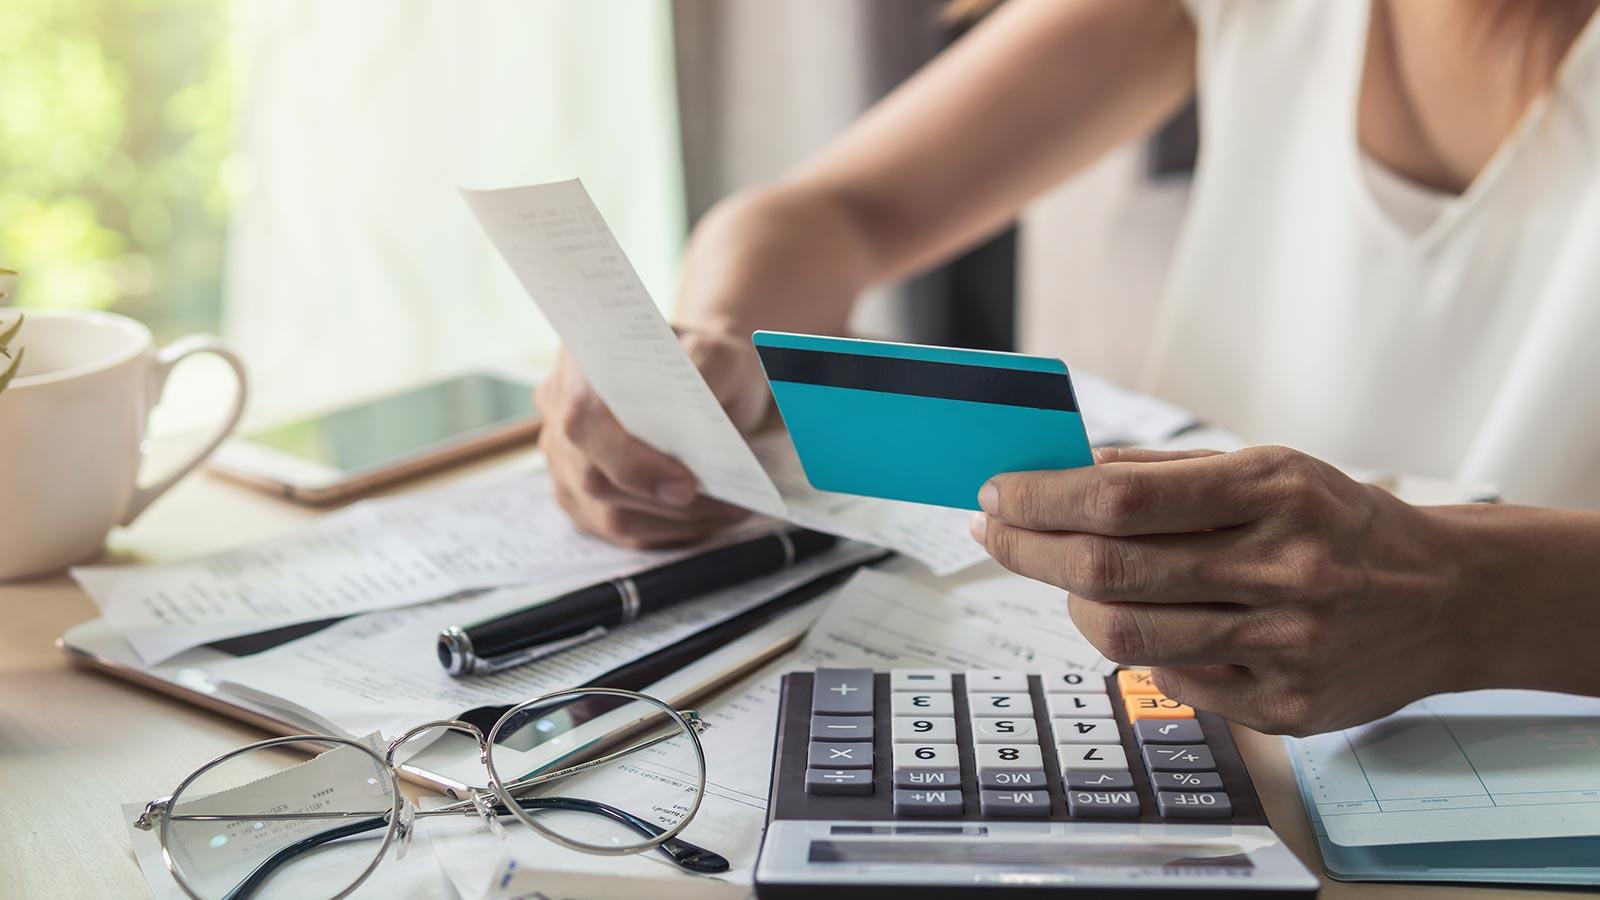 uso fraudulento de mi tarjeta de credito